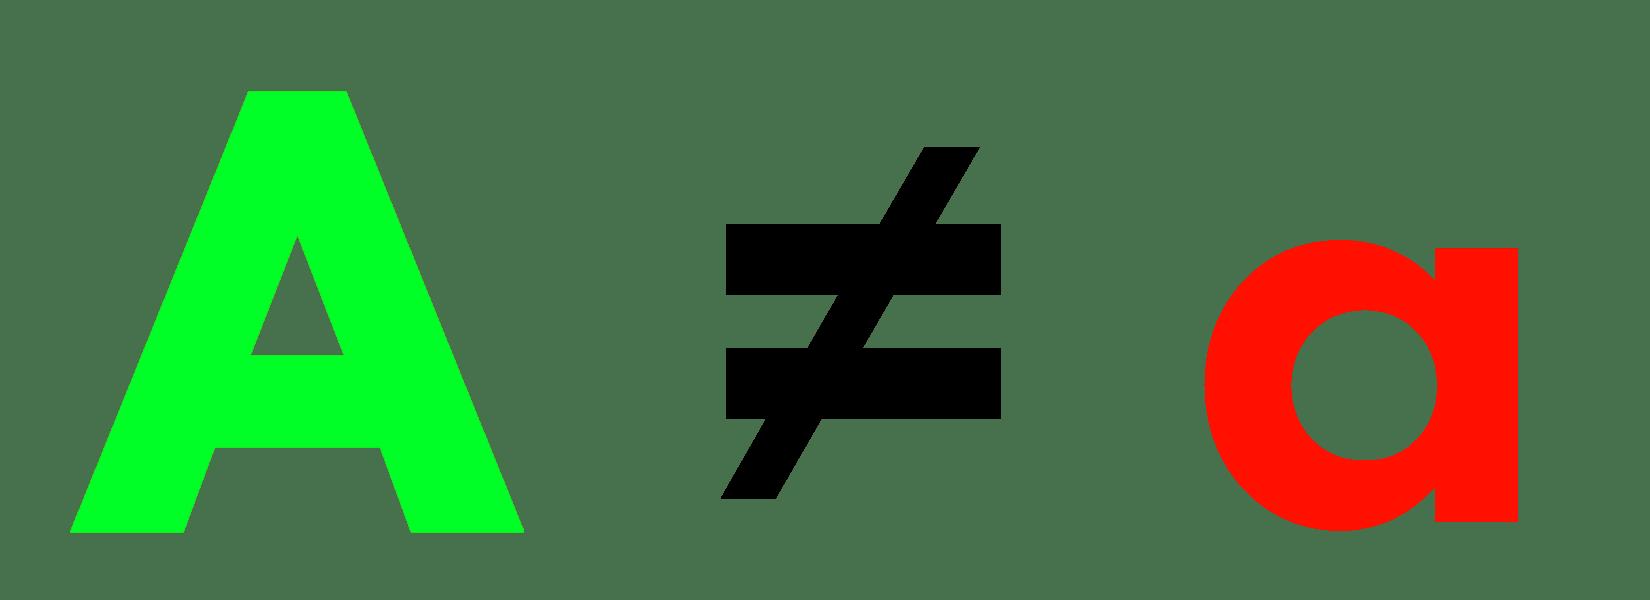 Attenzione: il gamerule usato oggi per non far droppare i blocchi in Minecraft è case sensitive, ovvero gli cambia se la lettera è maiuscola o no.